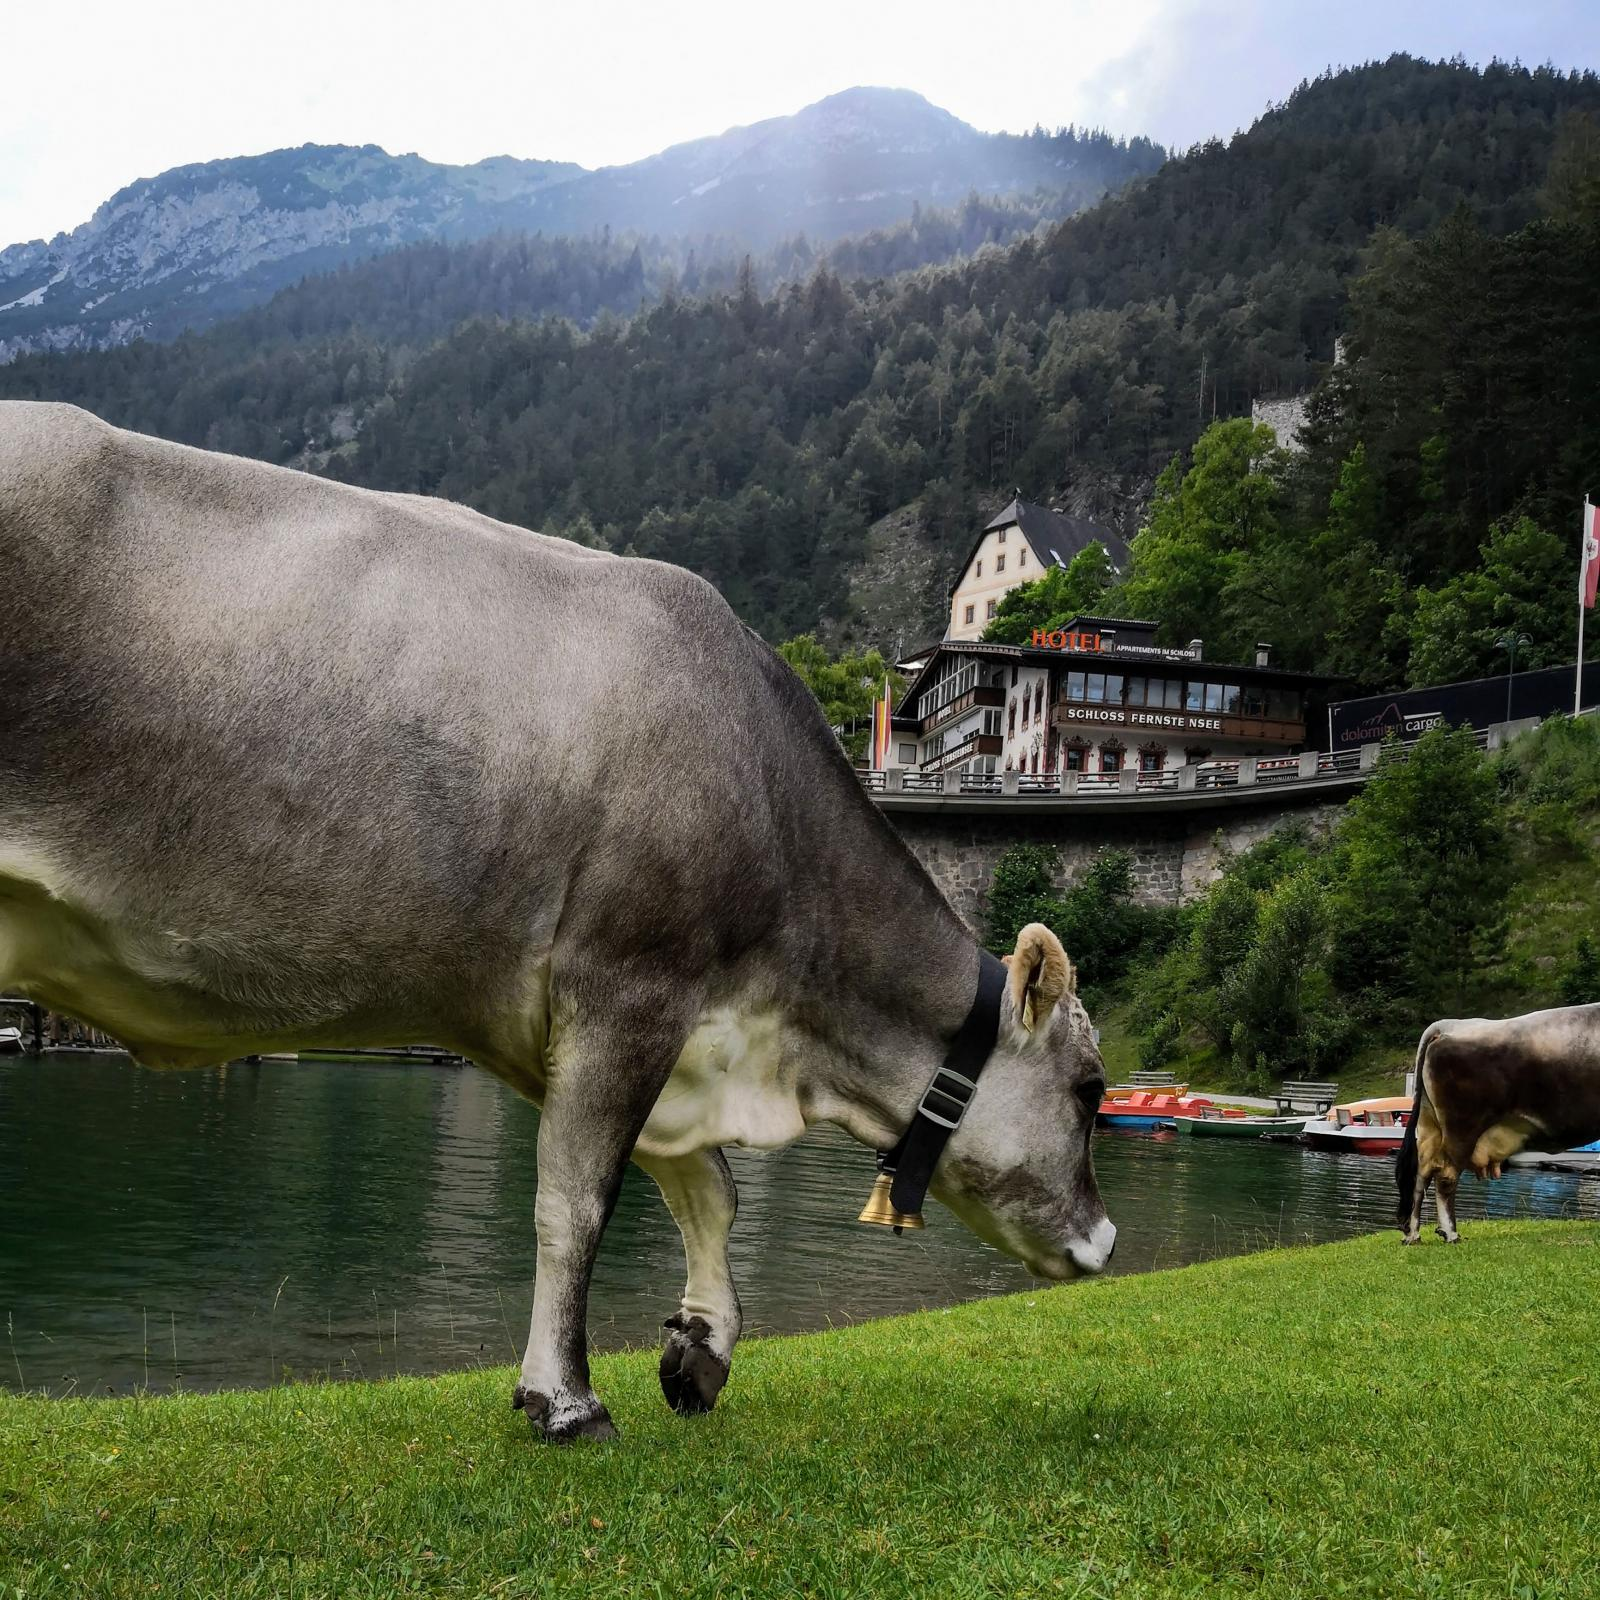 Tyrolens pärla. Är det månne denna vackra ko som stått modell för chokladvarumärket Milka? Likheten är i vart fall slående.